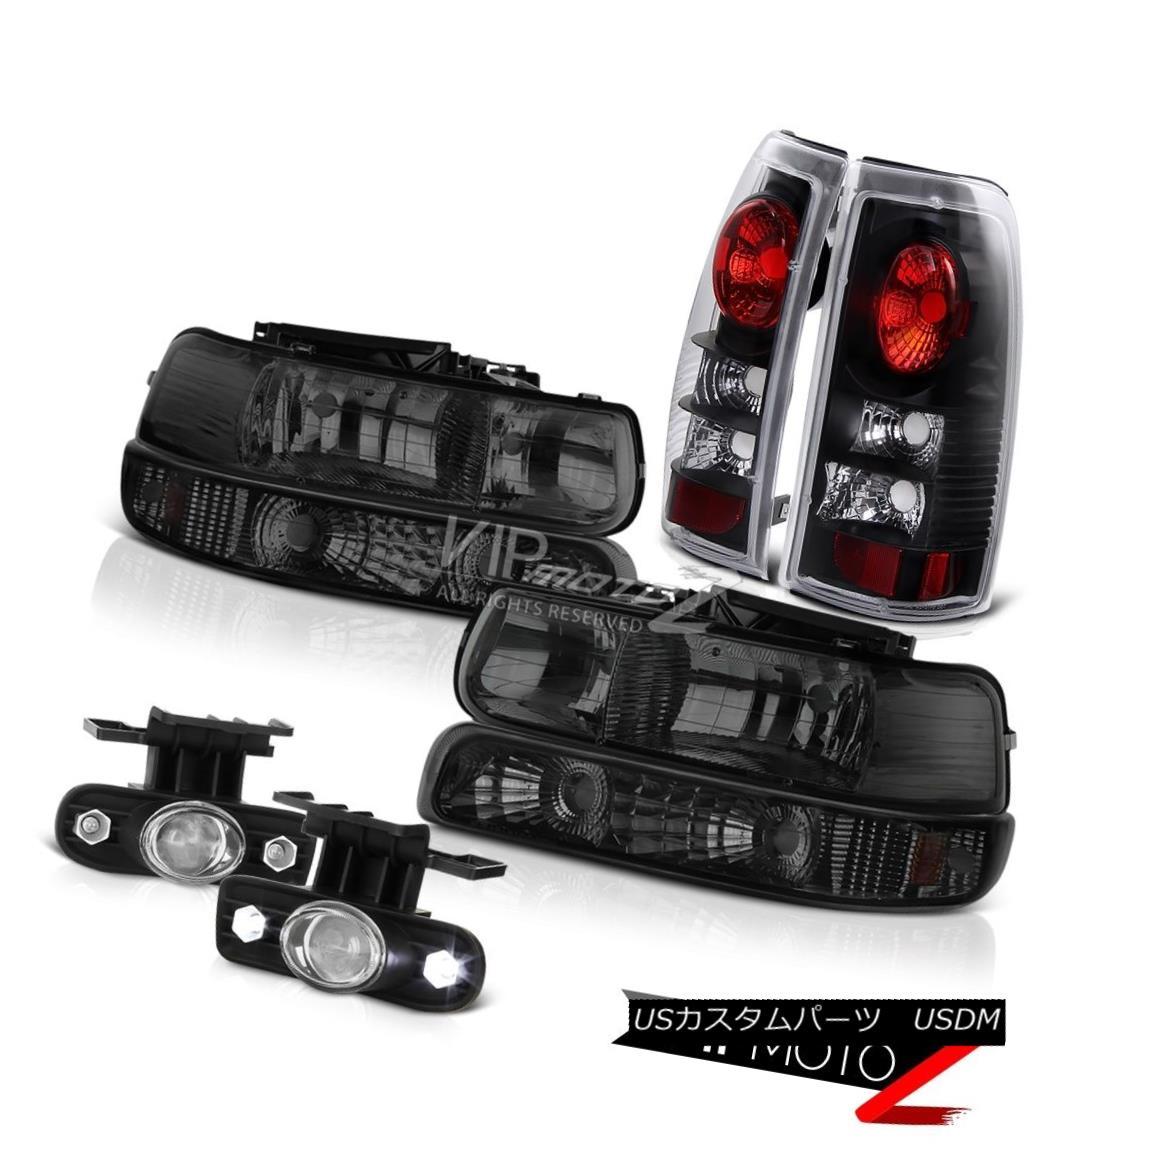 ヘッドライト 99 00 01 02 Chevy Silverado LT LS Head Light Lamp Rear Tail Projector Foglight 99 00 01 02 Chevy Silverado LT LSヘッドライトランプリアテールプロジェクターFoglight